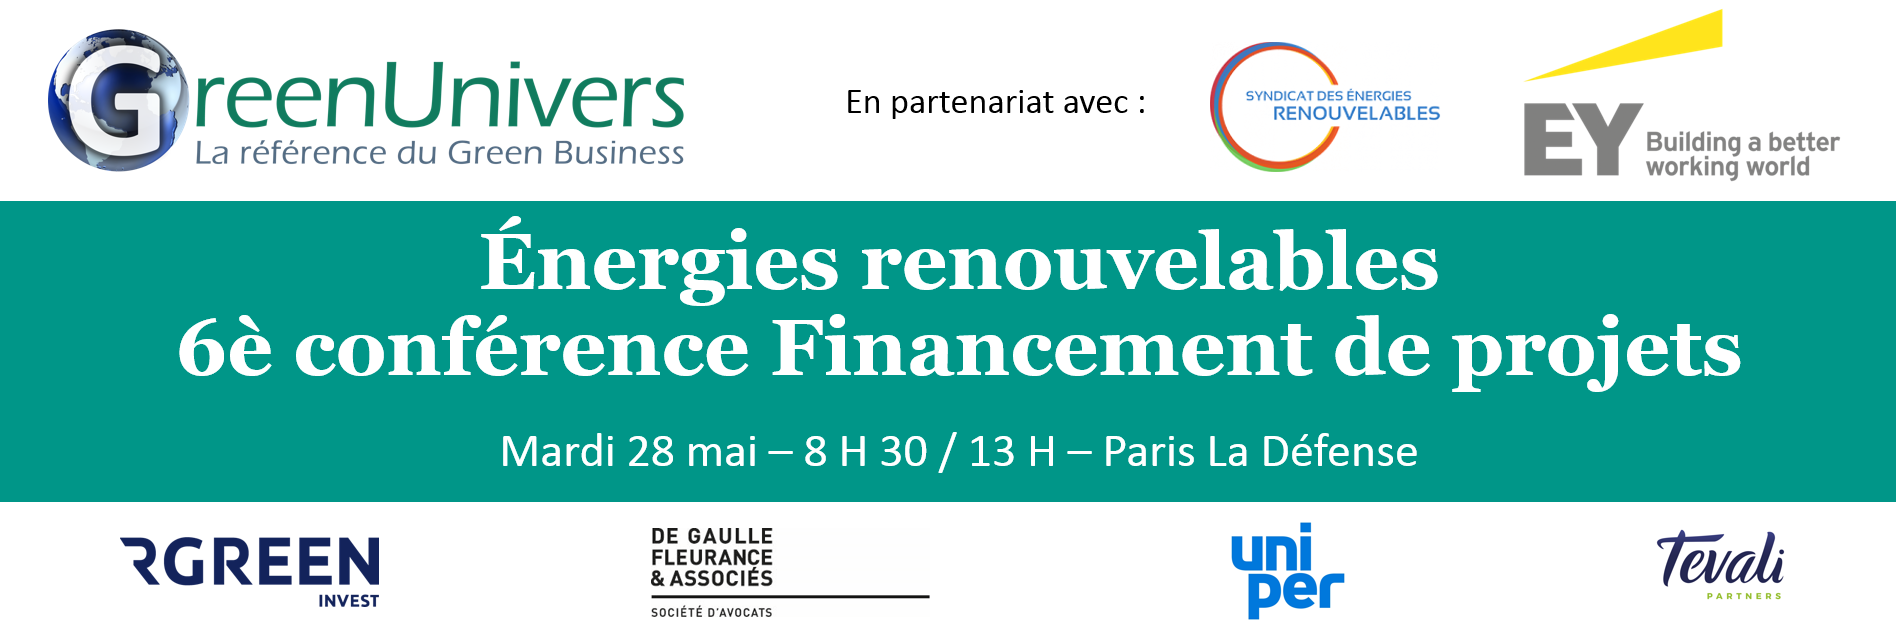 Énergies renouvelables 6e Conférence Financement de projets 28/05 - Paris